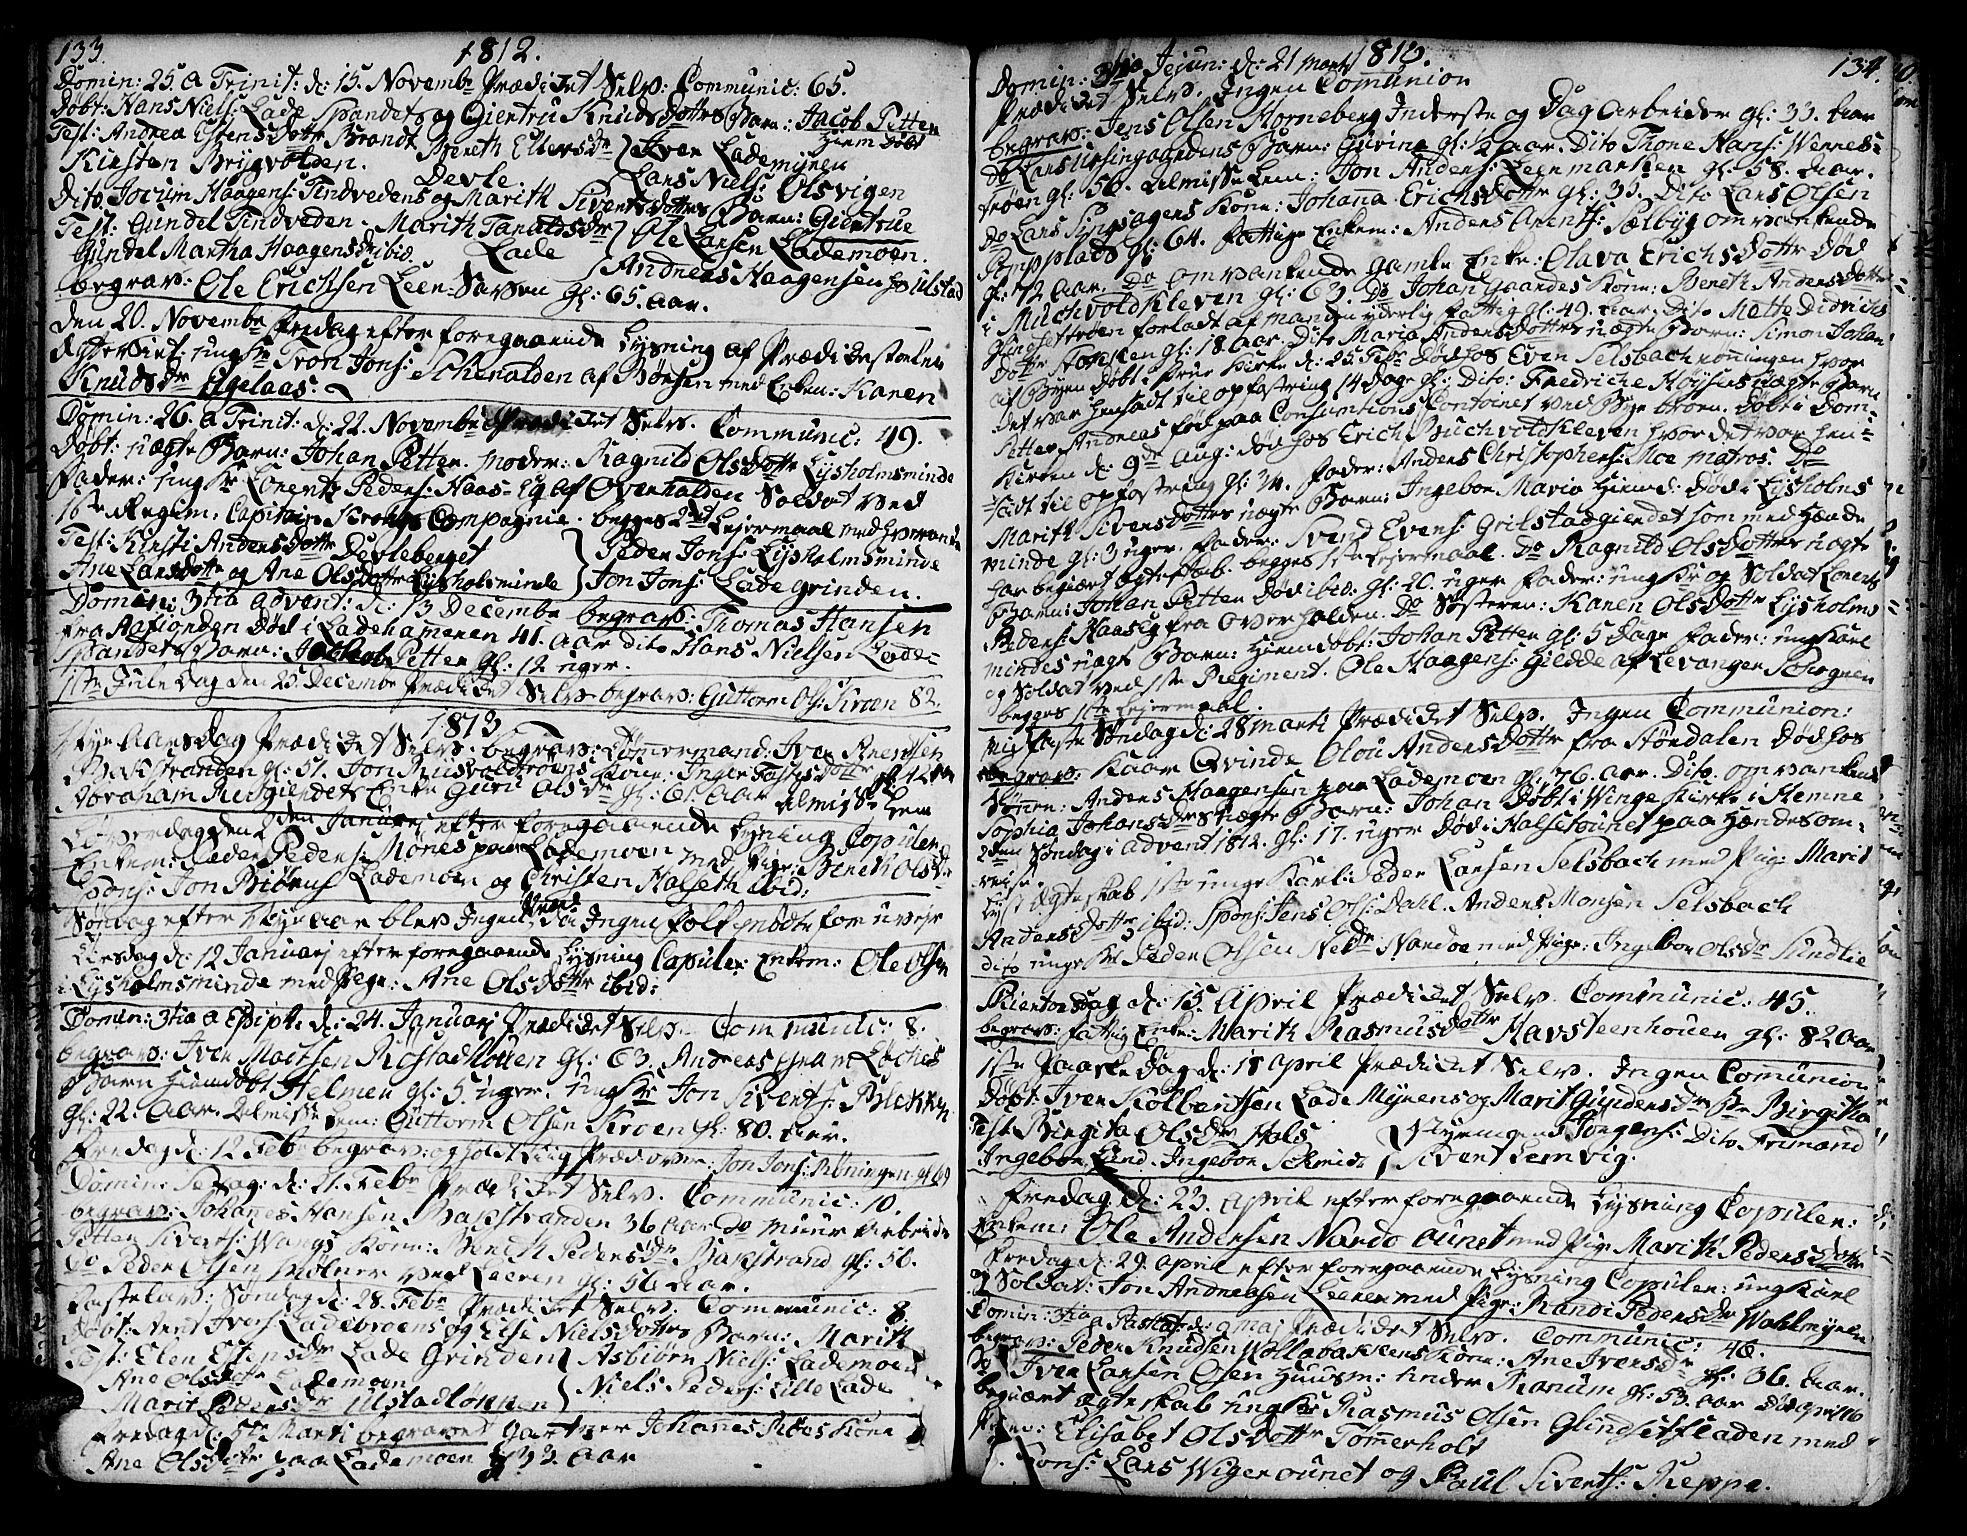 SAT, Ministerialprotokoller, klokkerbøker og fødselsregistre - Sør-Trøndelag, 606/L0280: Ministerialbok nr. 606A02 /1, 1781-1817, s. 133-134